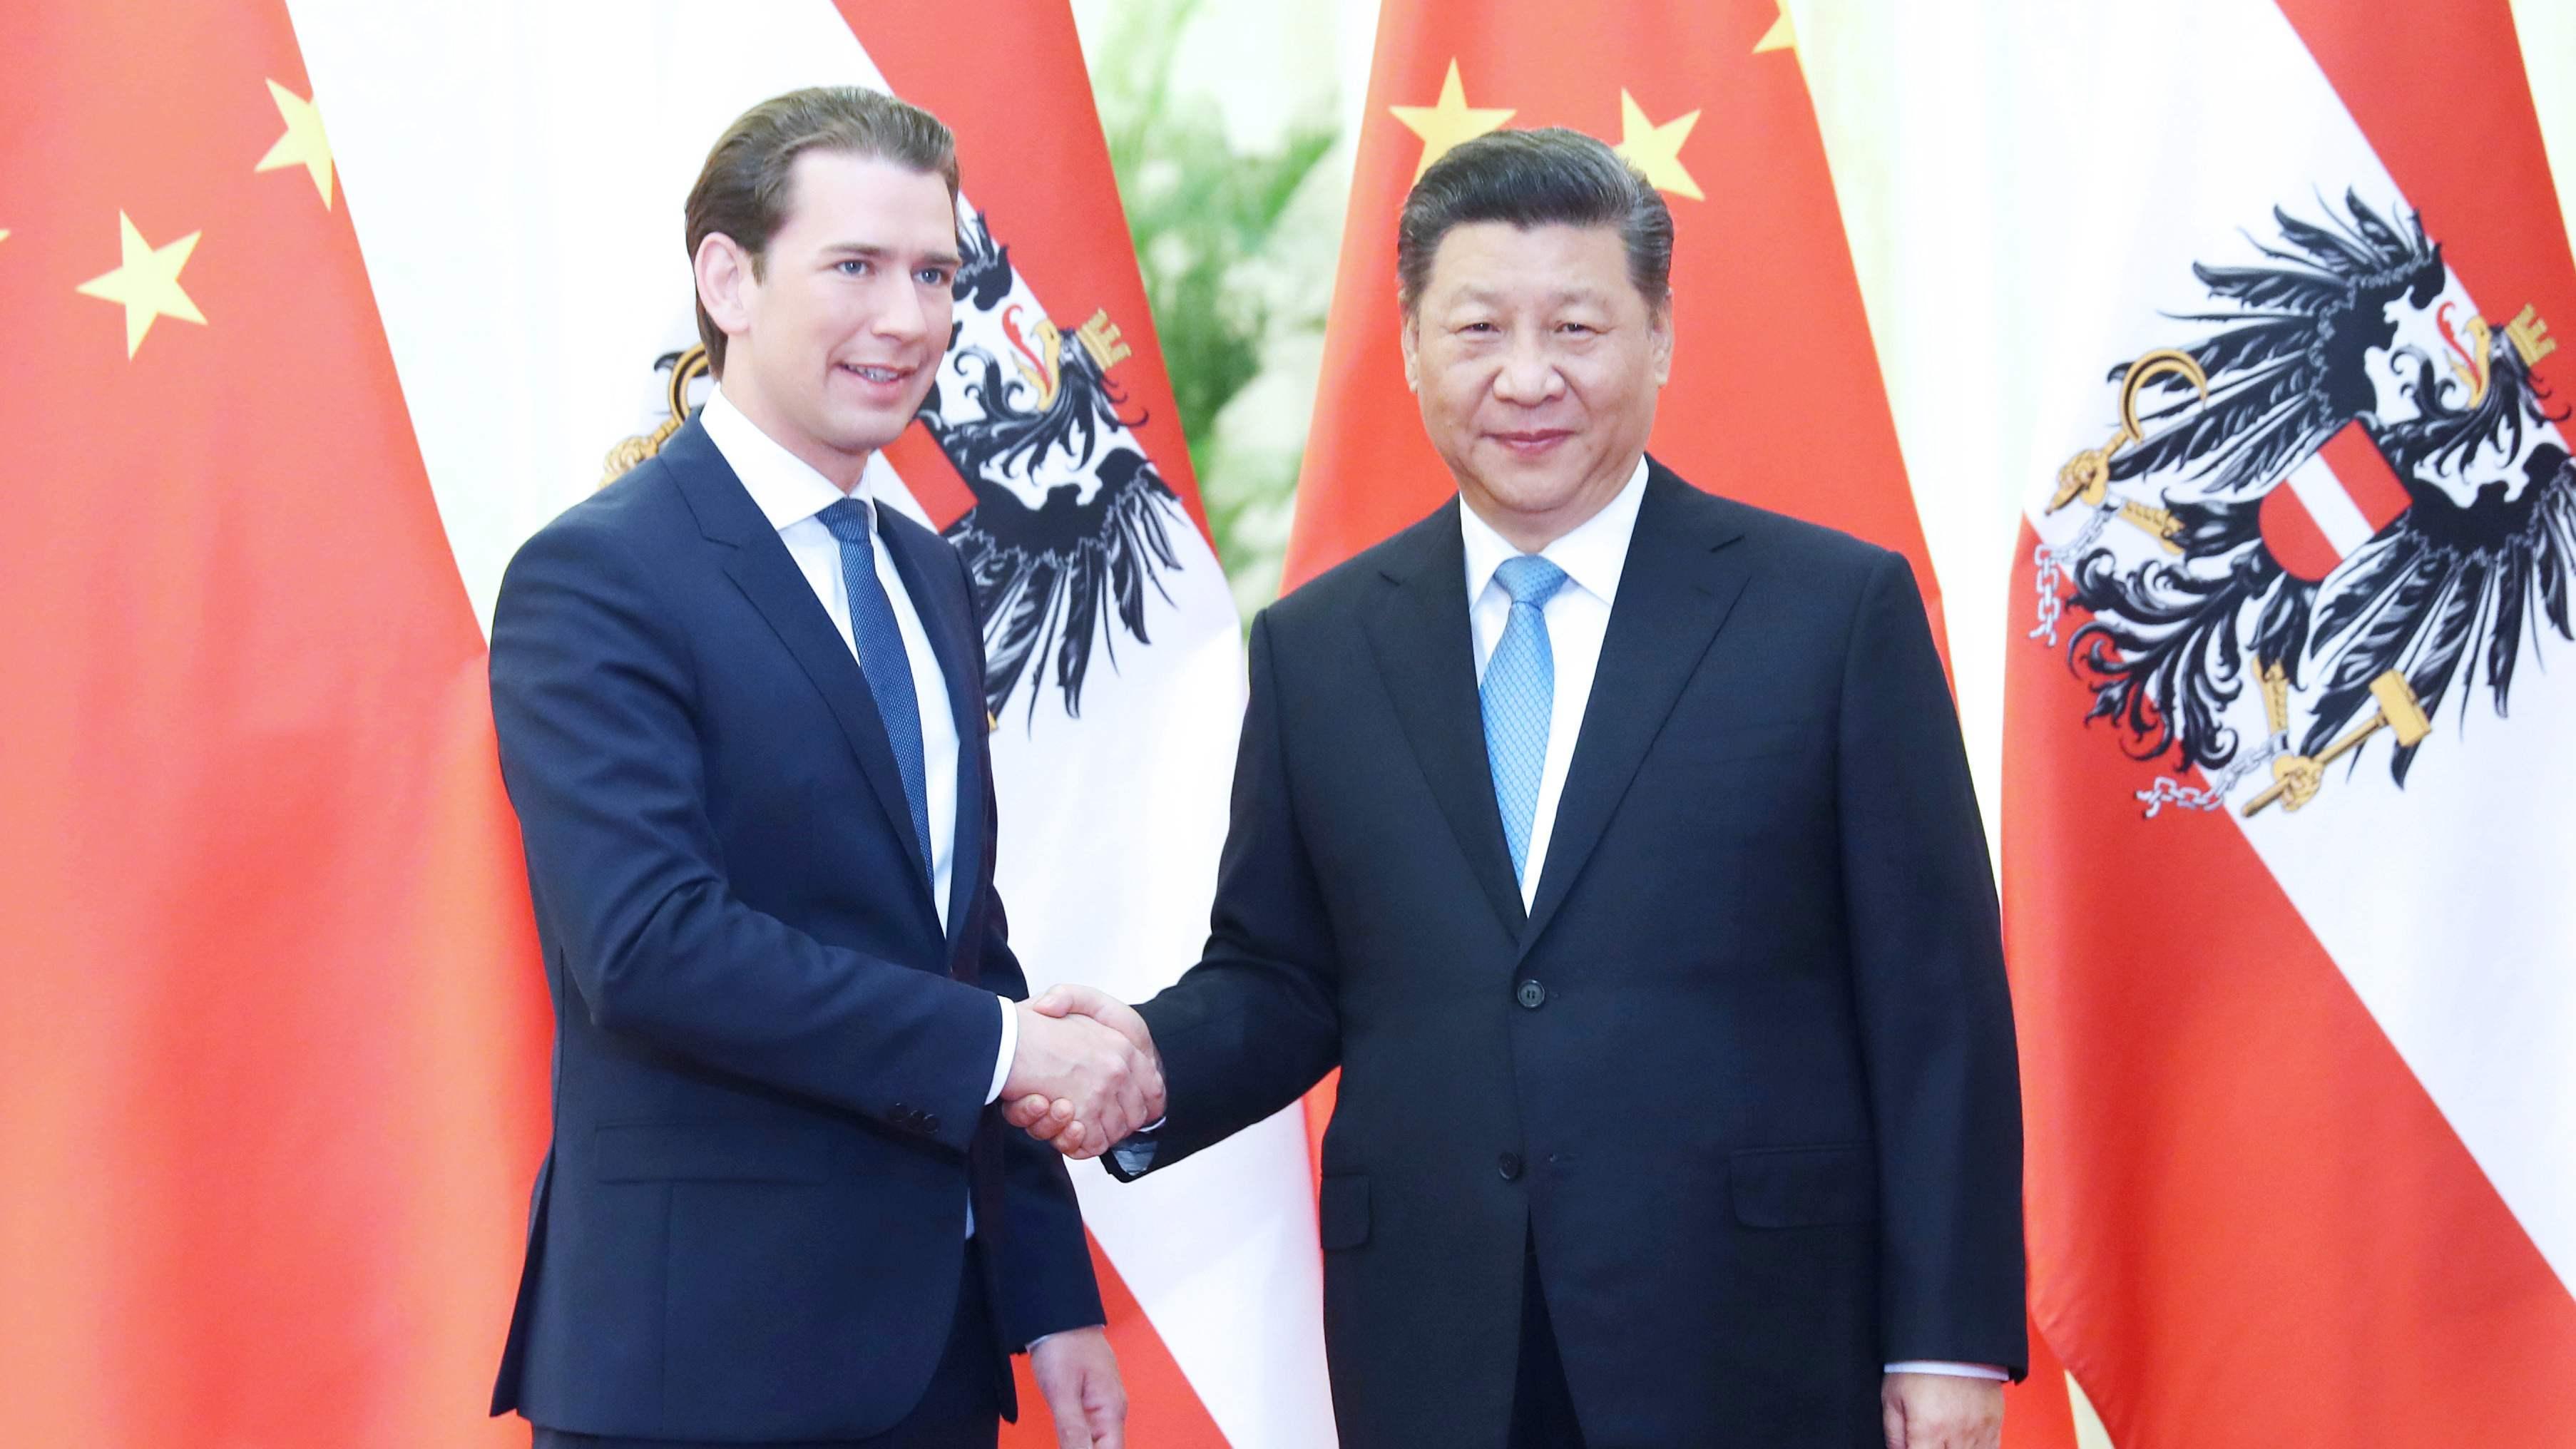 习近平会见奥地利总理库尔茨